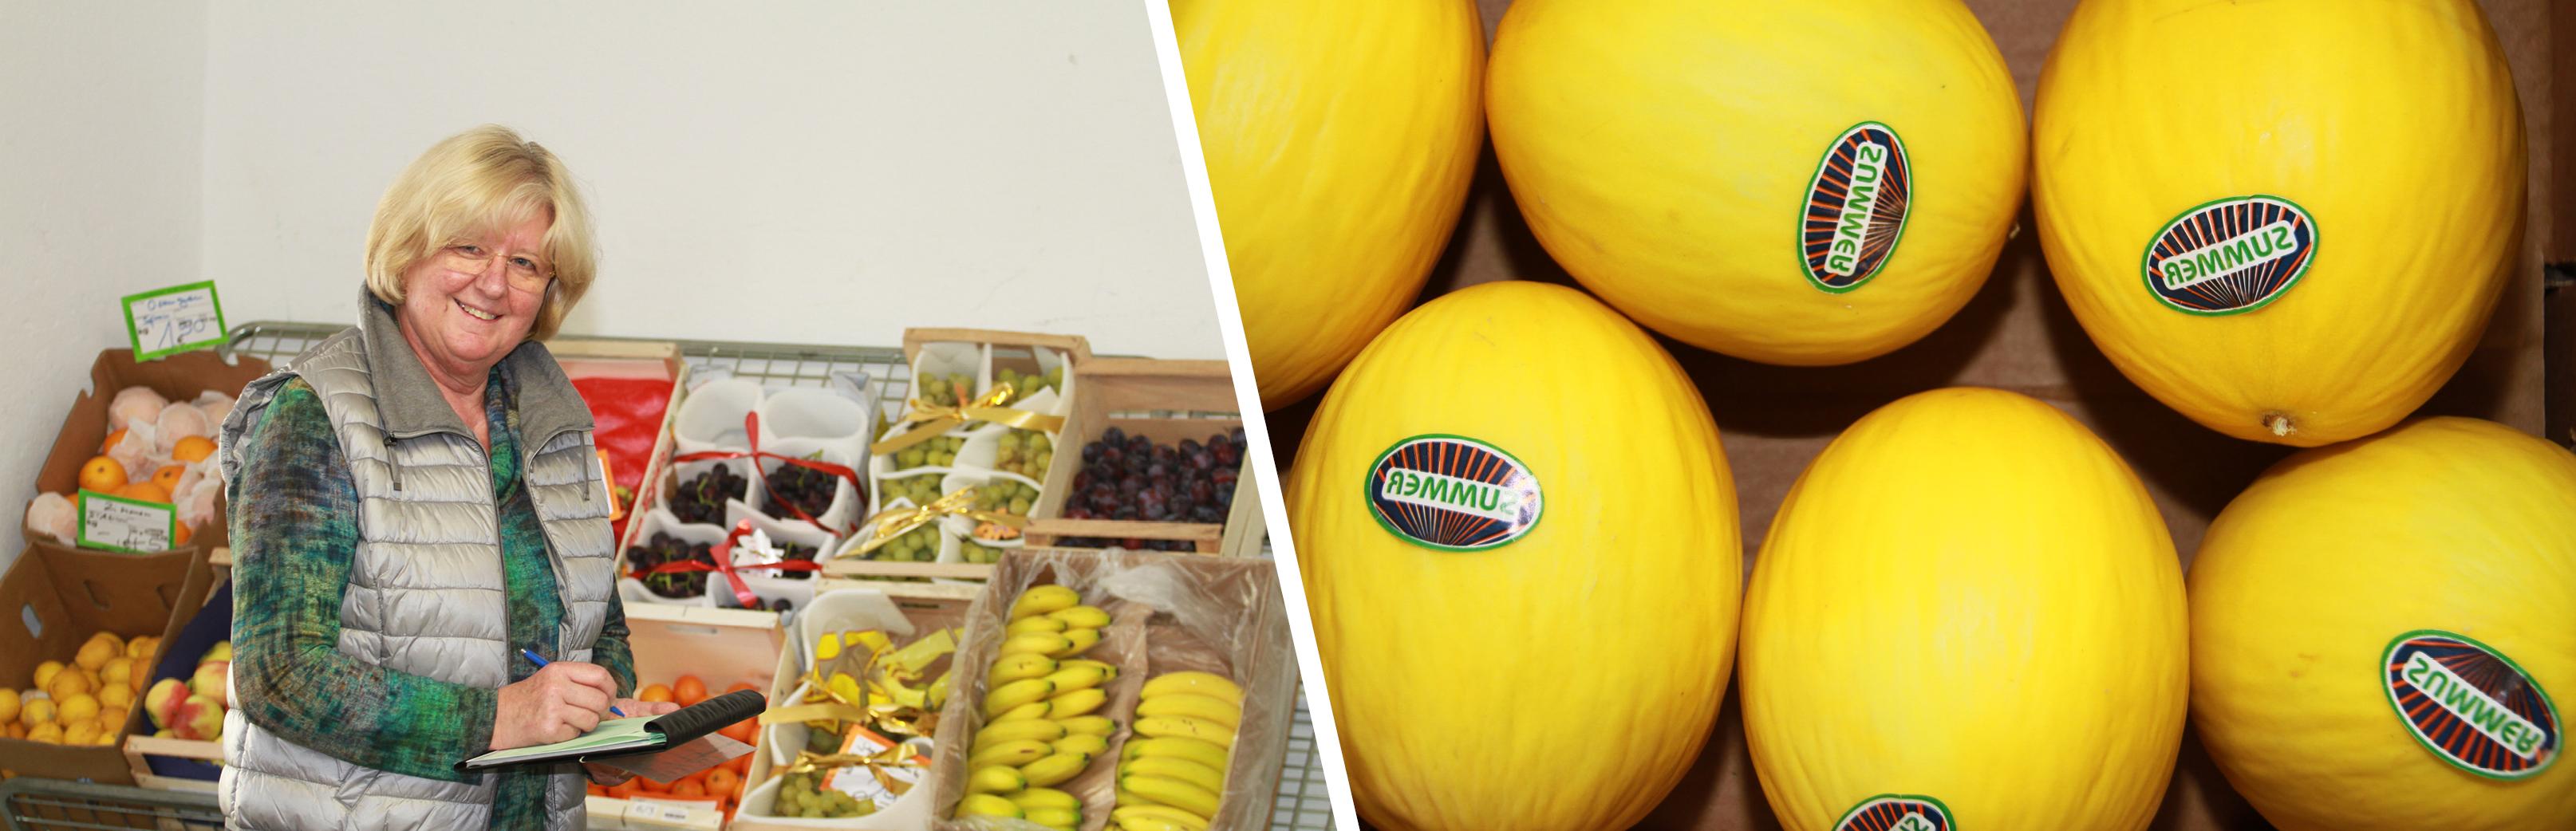 Jobst Fruchtgroßhandel Abensberg